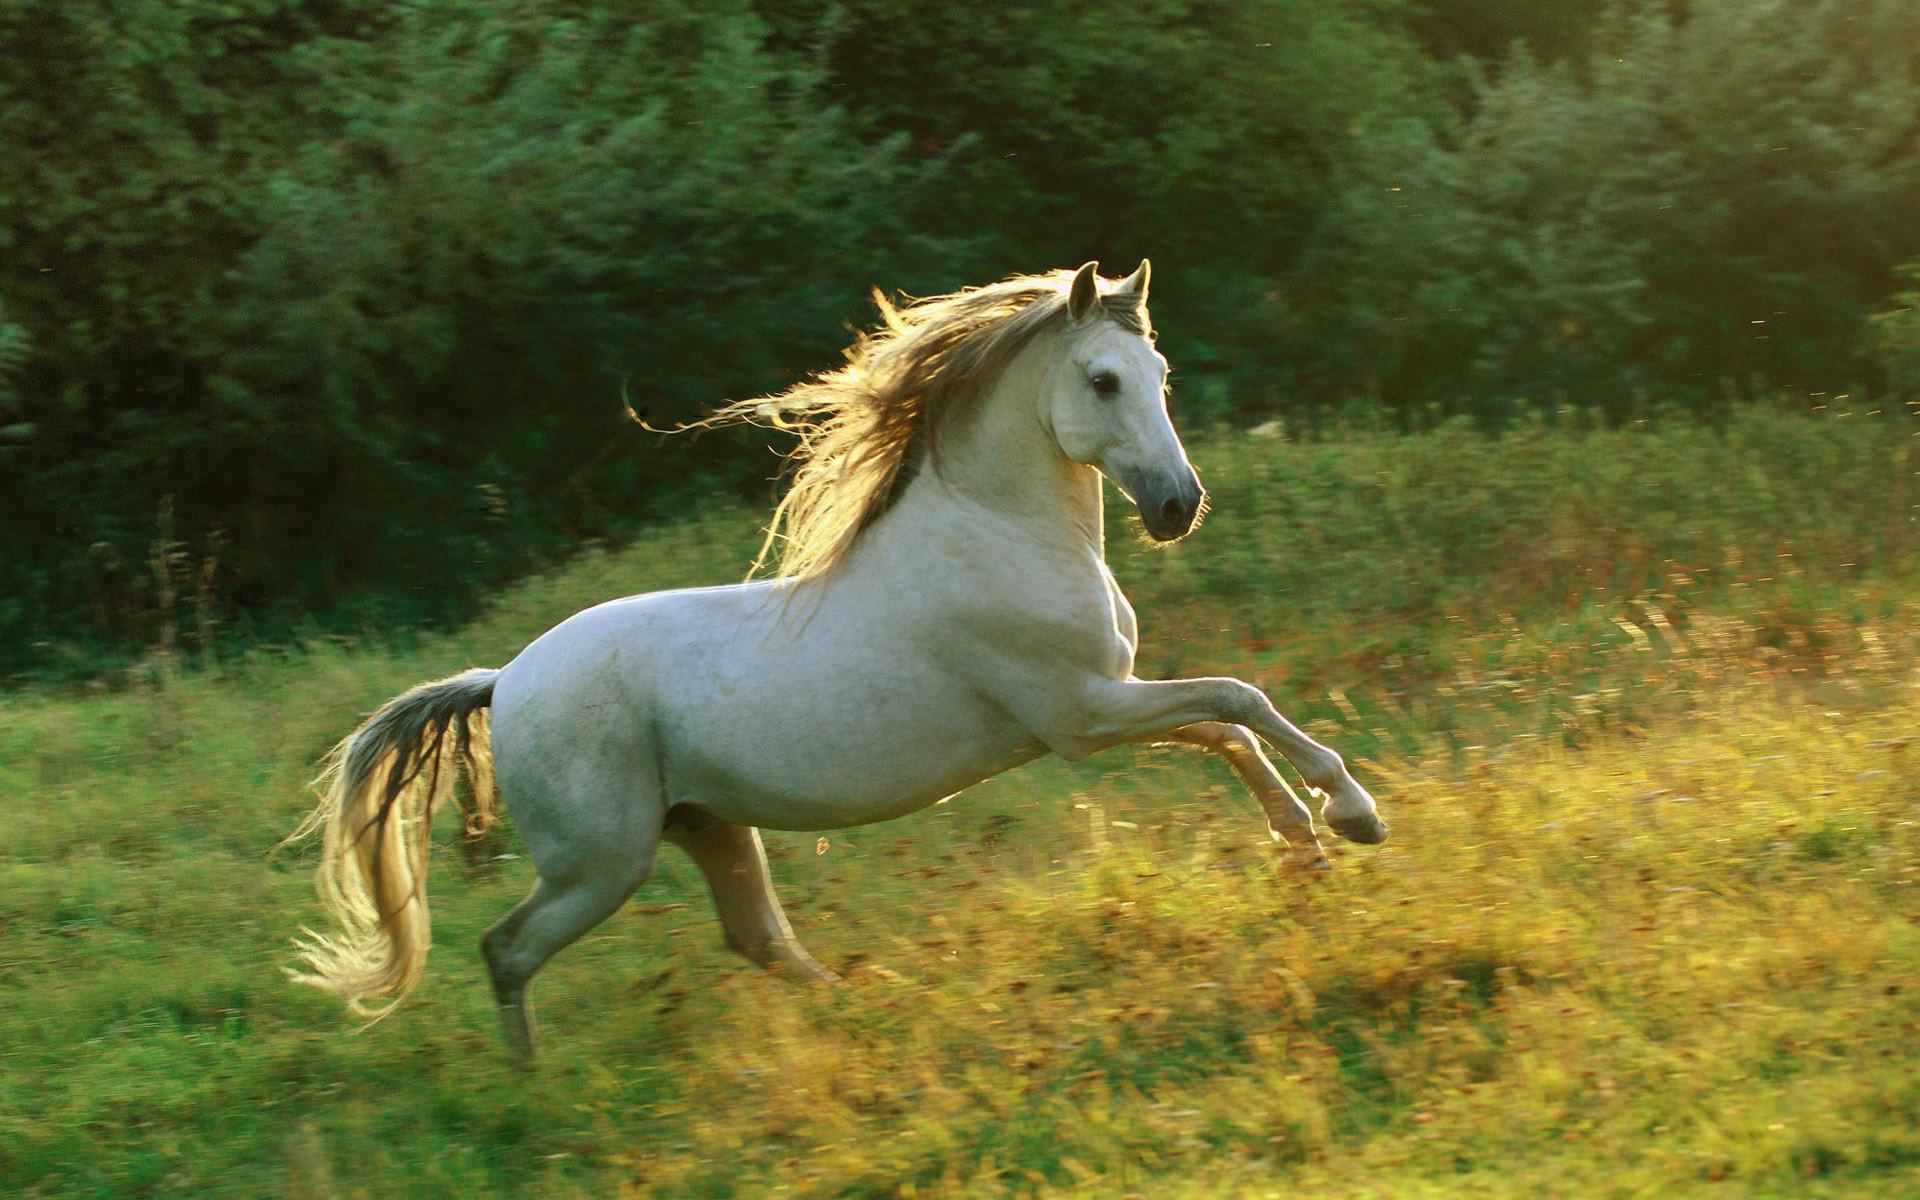 بالصور اجمل صور خيول , اجمل الخيول الساحرة 3579 7